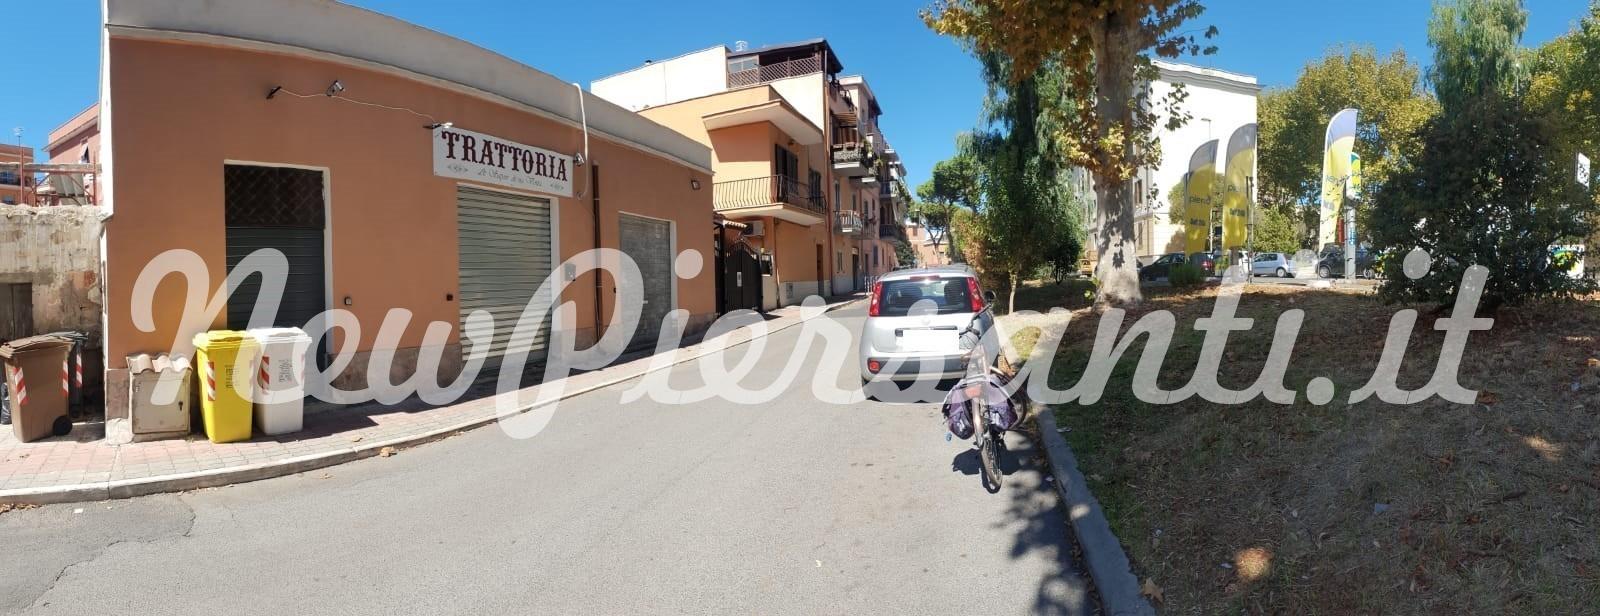 Via Carlo Calisse, 91 00053 Civitavecchia, Rm